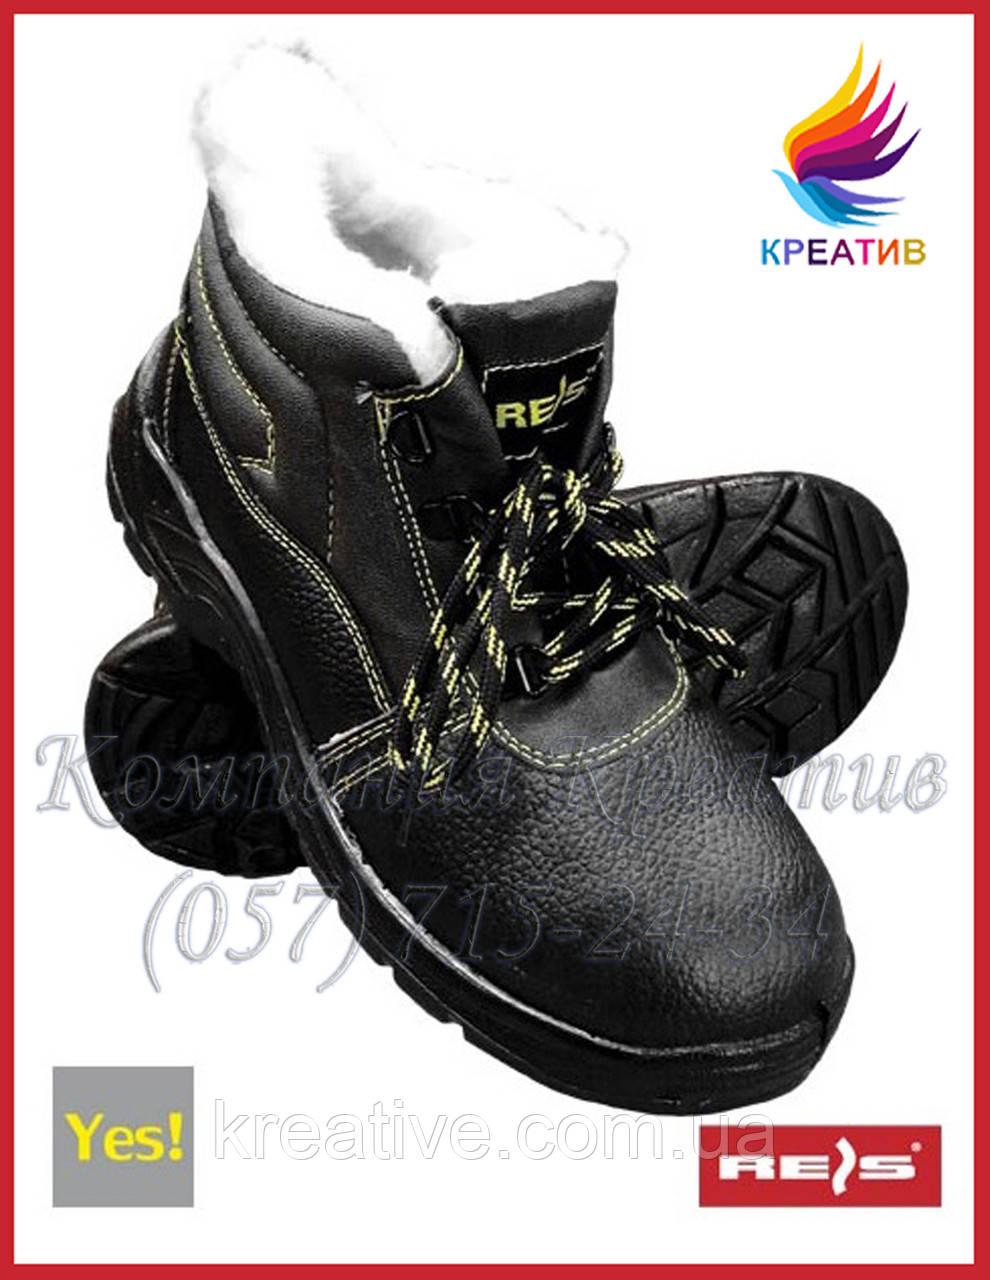 Утеплённые рабочие ботинки BRYES-TО-OB (заказ от 30 пар)